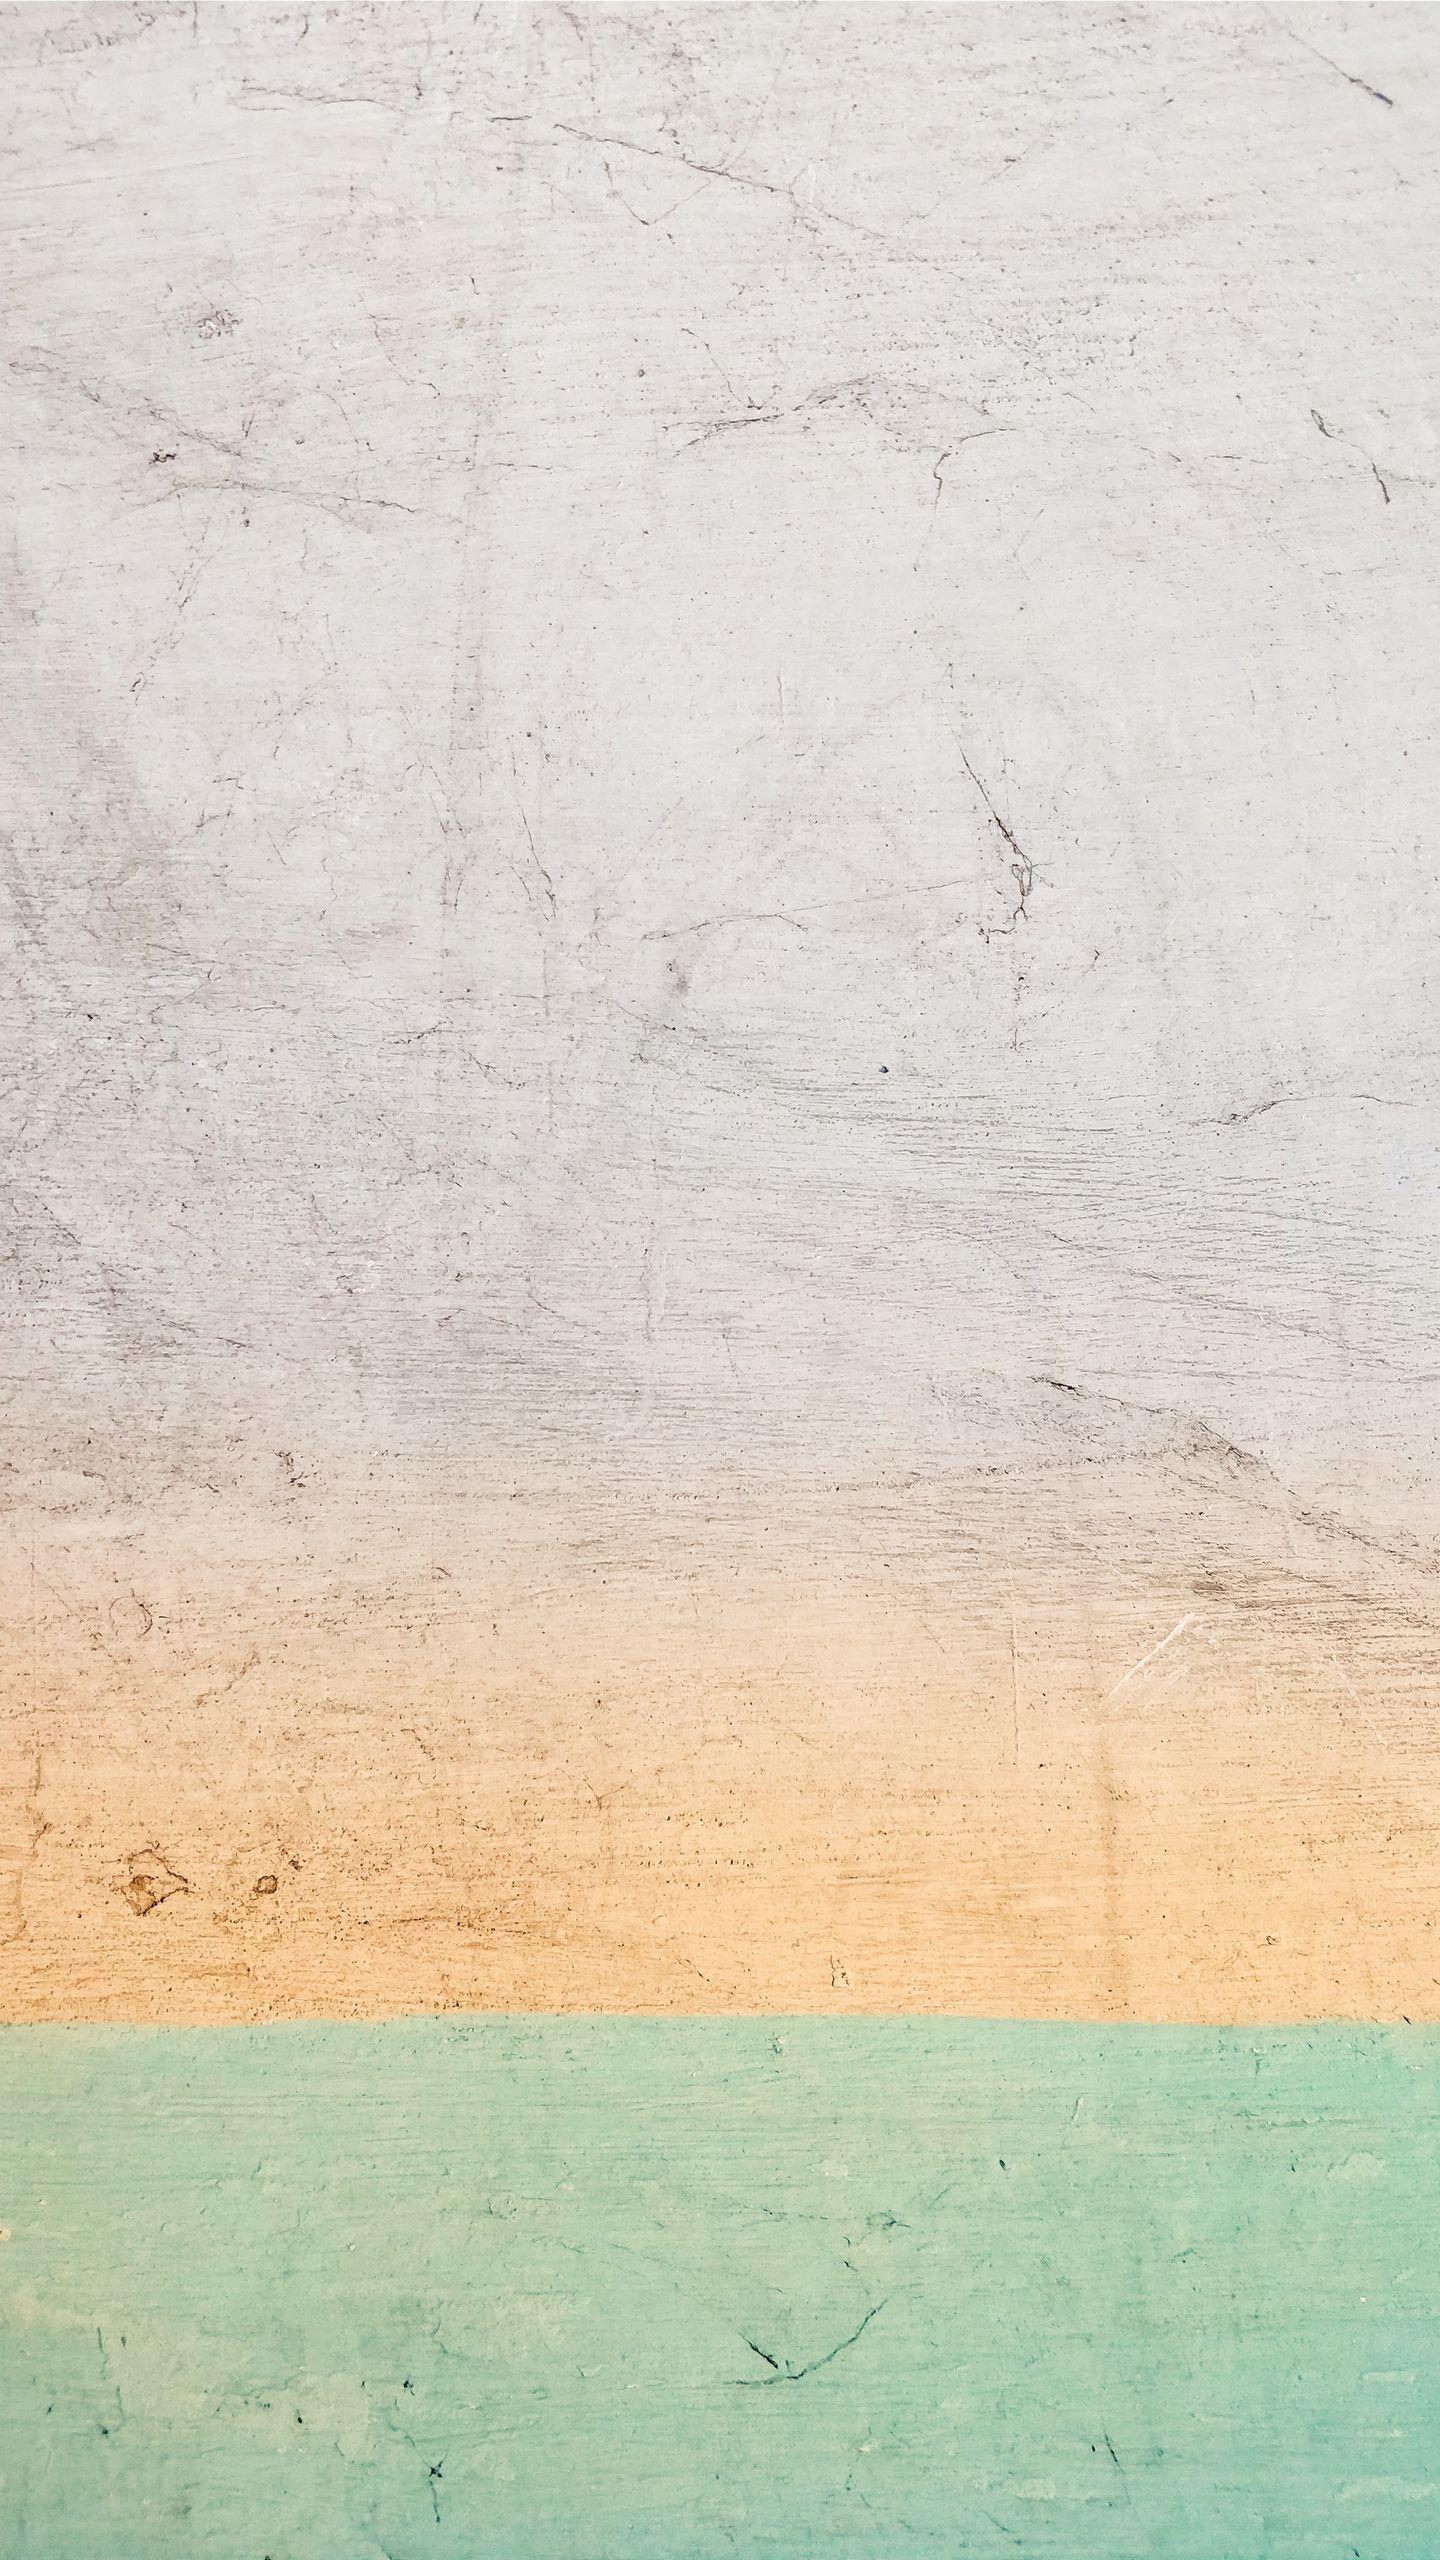 خلفيات واتس اب جديده روعة رمزيات واتس كتابية 13